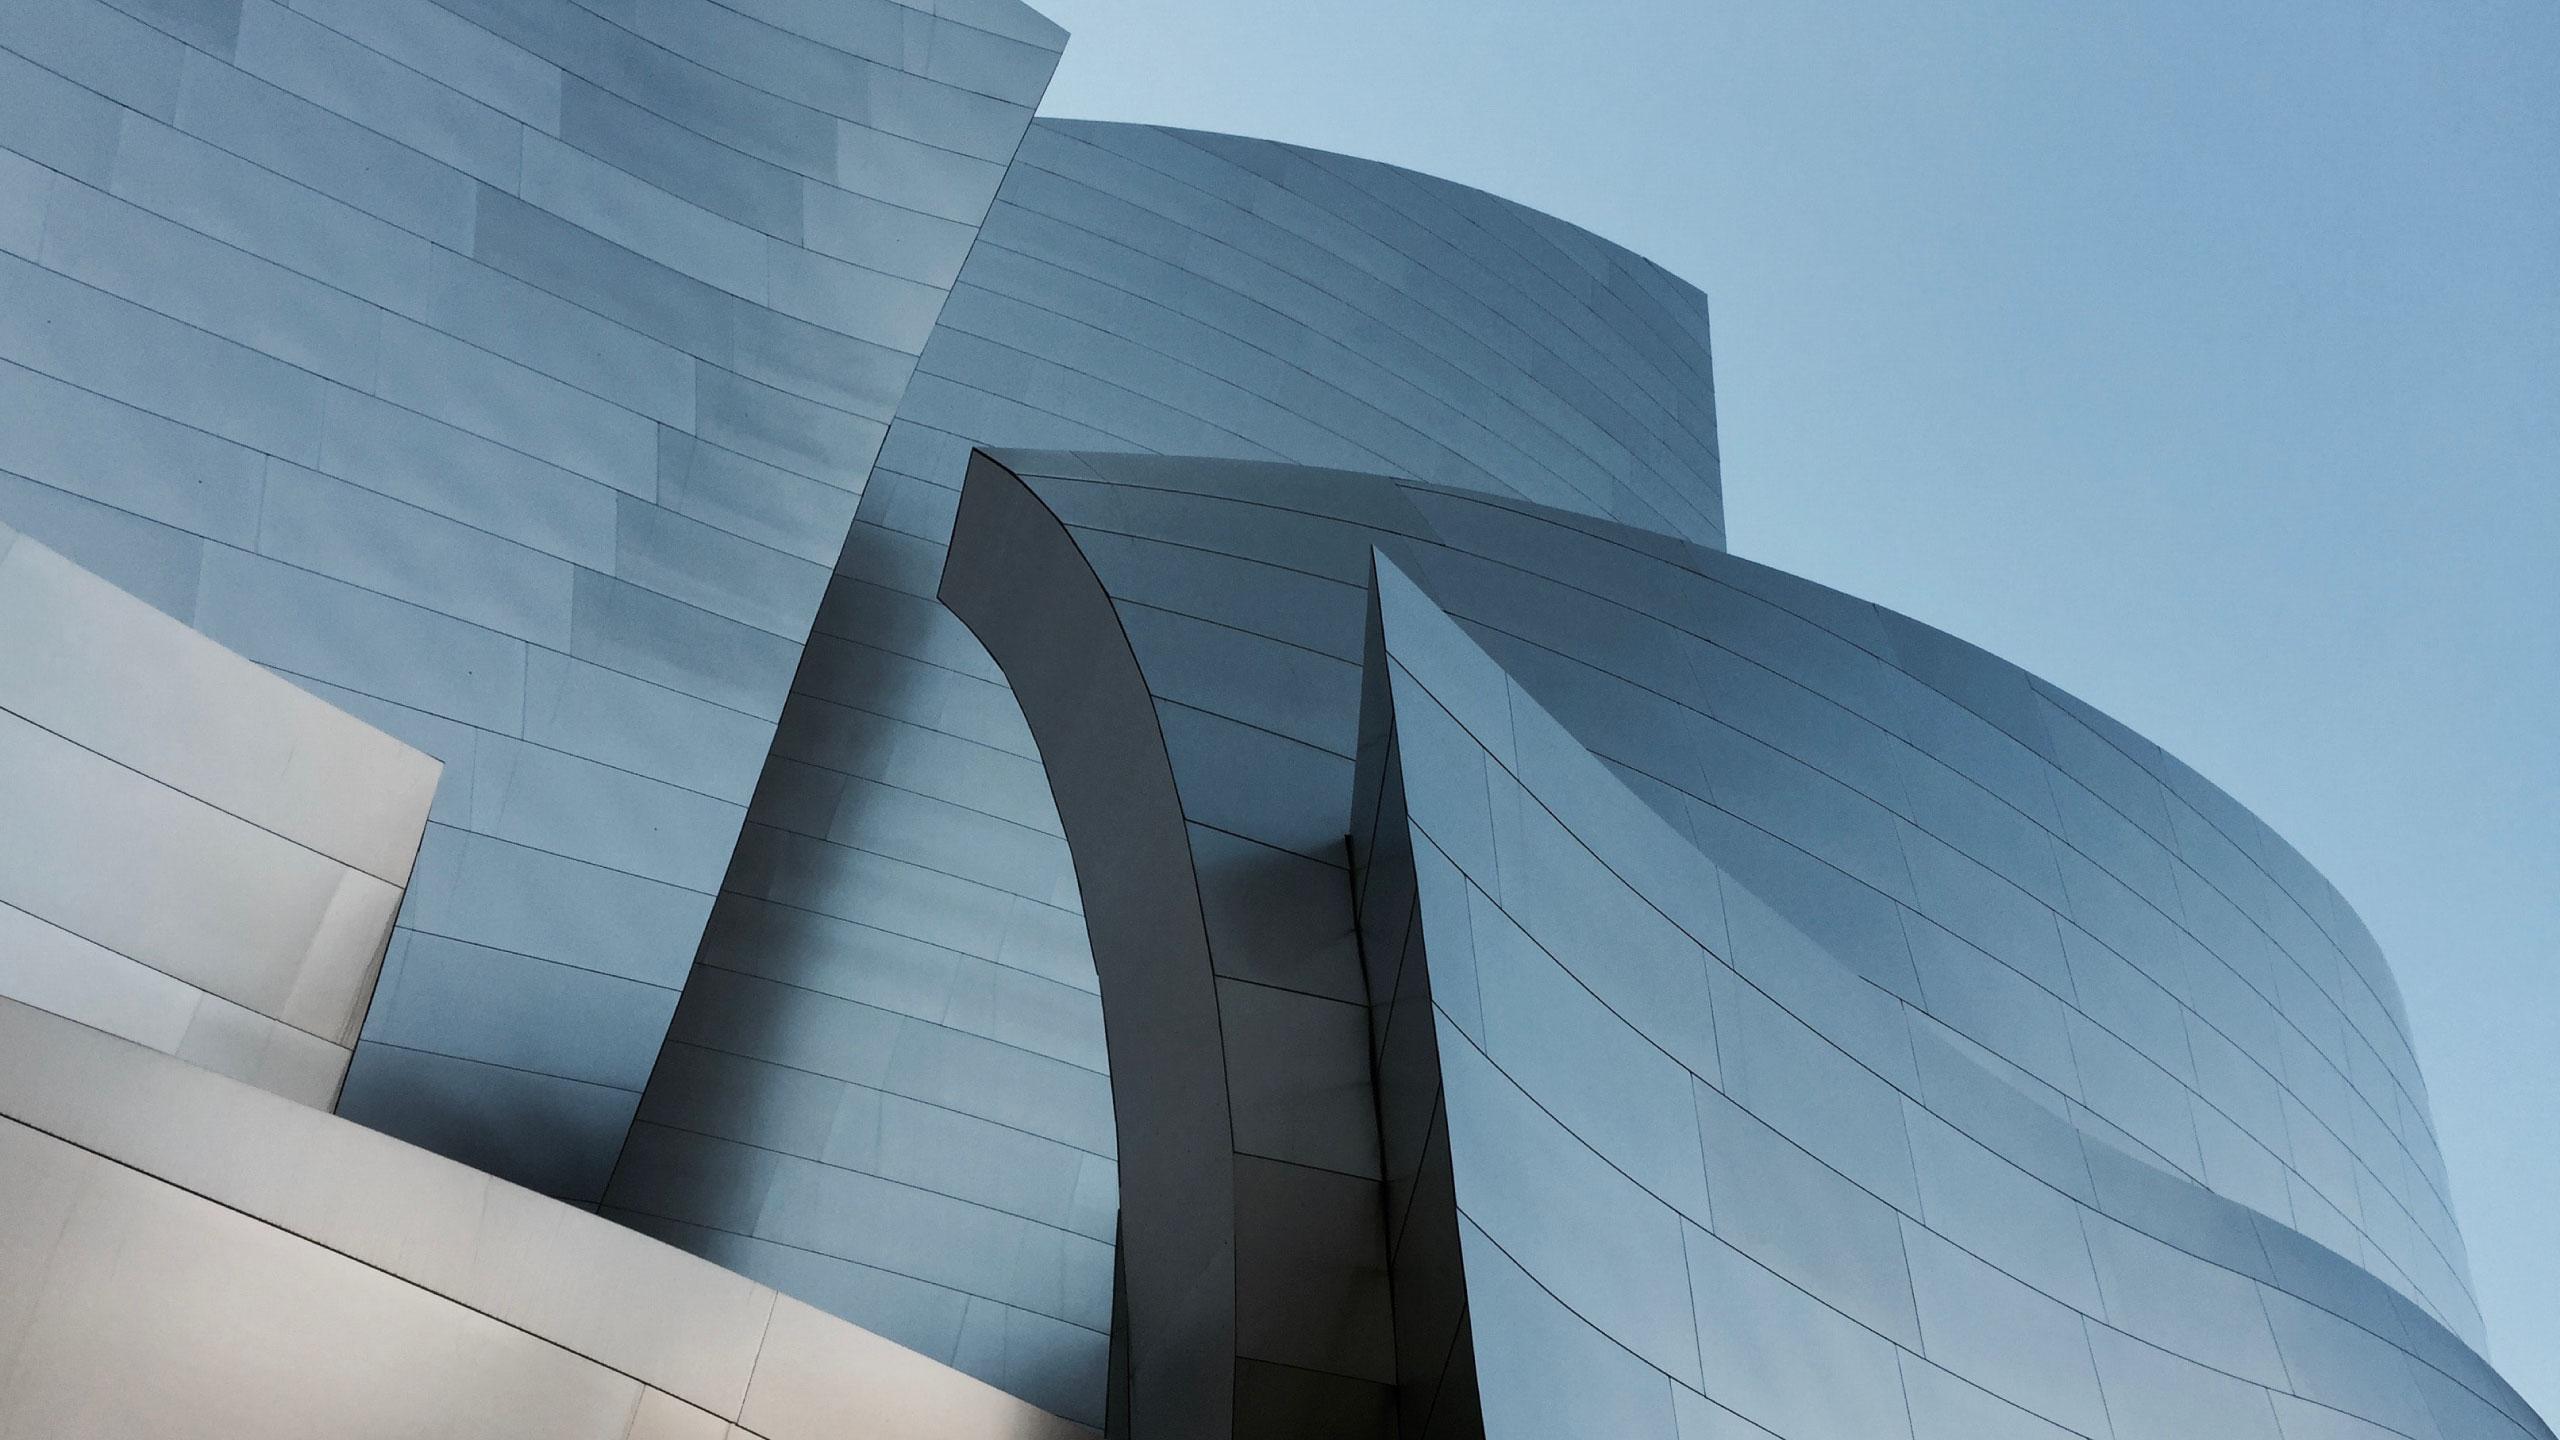 image media wieso ein architekturfilm die richtige entscheidung ist